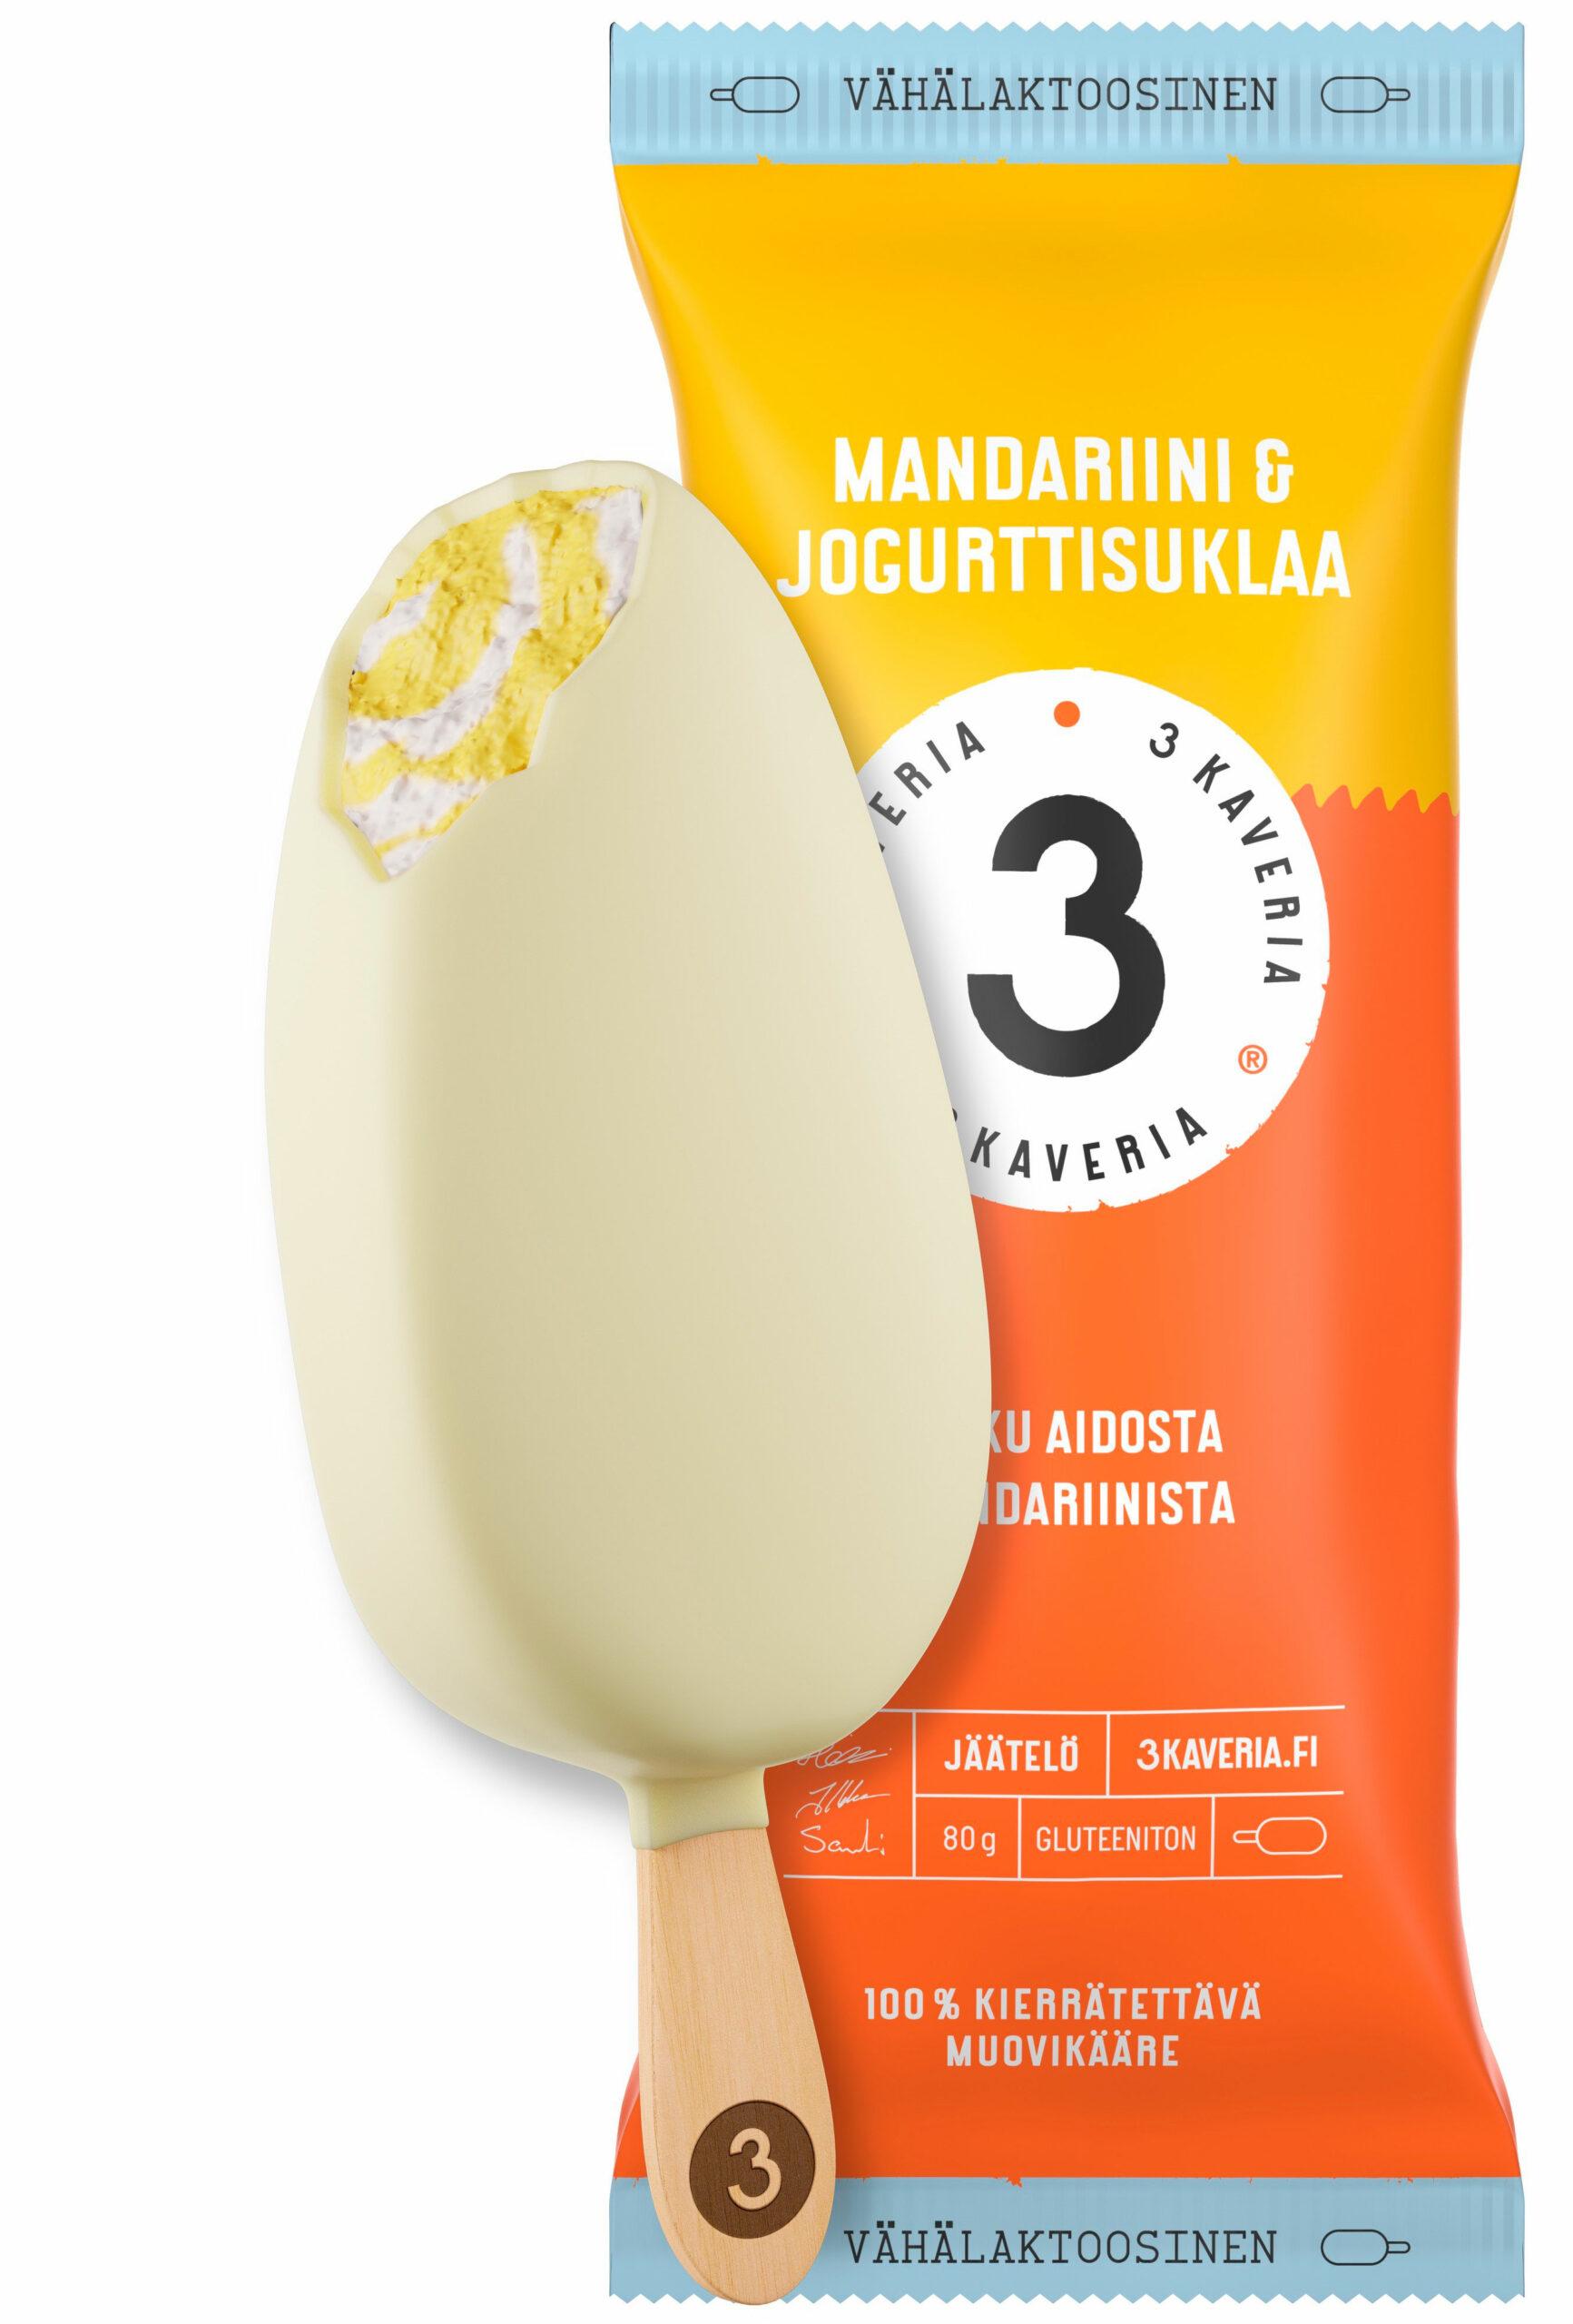 Uutuusjäätelötesti: 3 kaverin mandariini & jogurttisuklaa -puikko ja -kääre